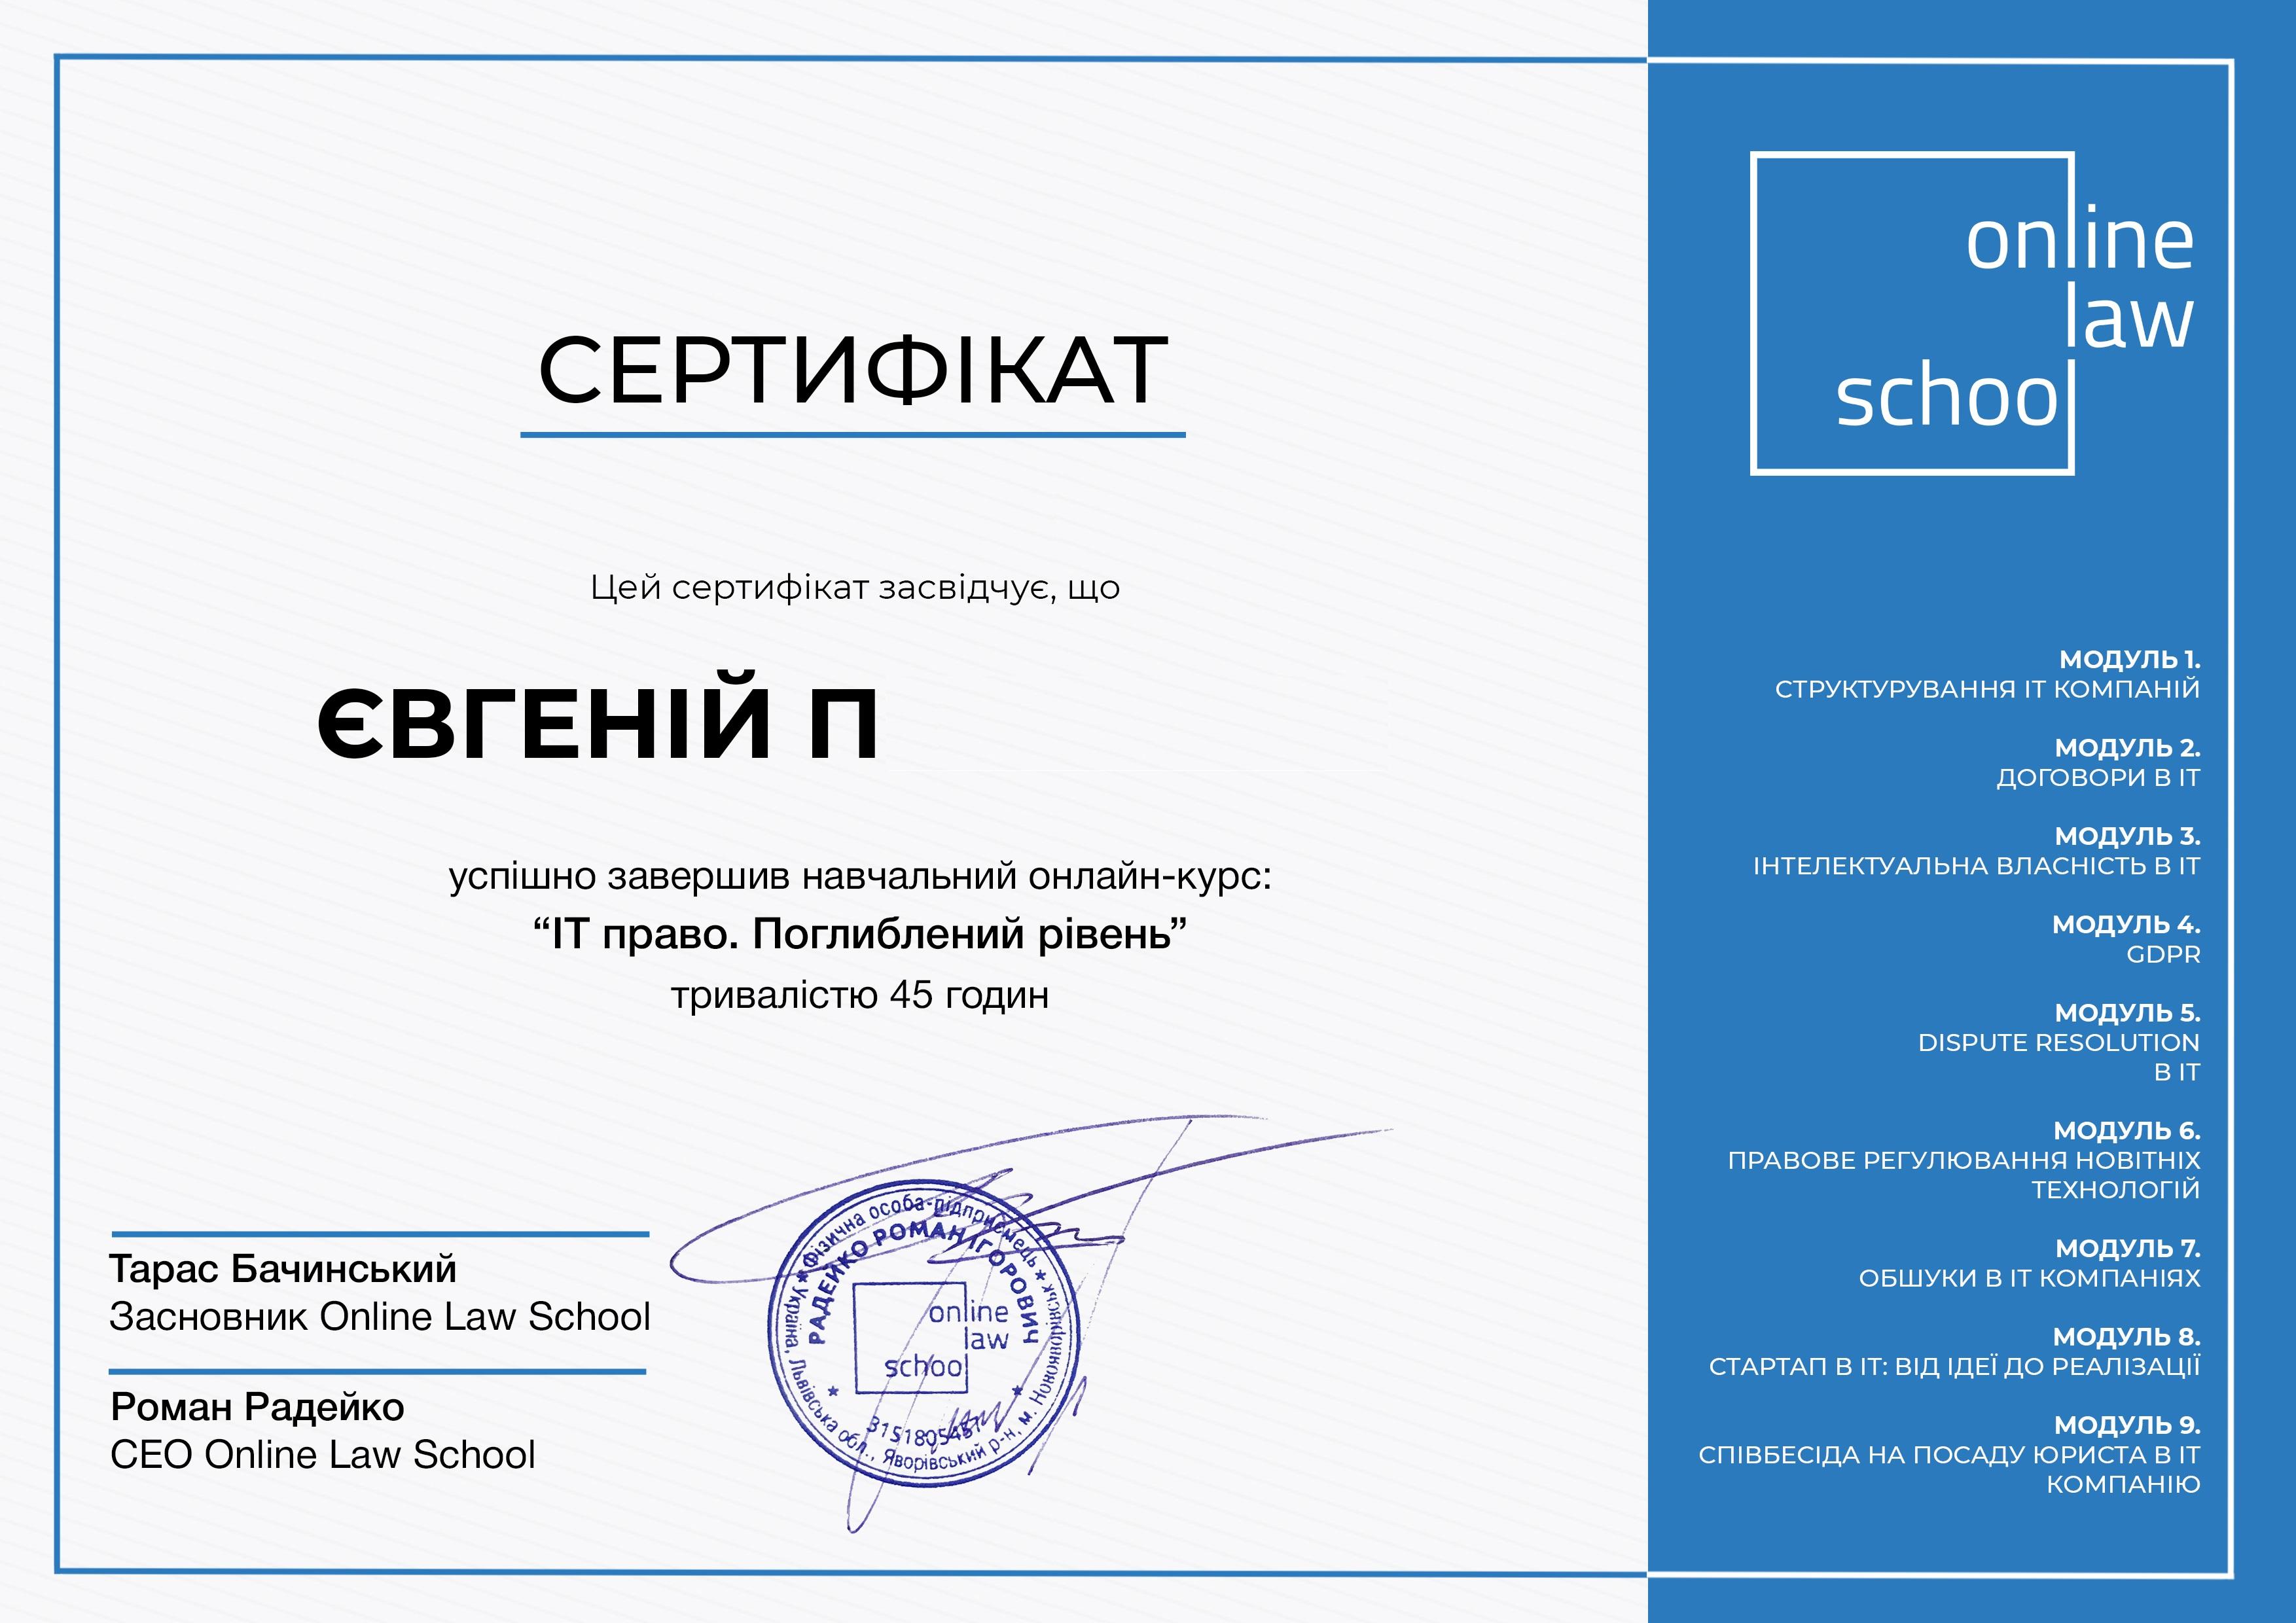 Фото Сертификат об успешном прохождении курса IT-право